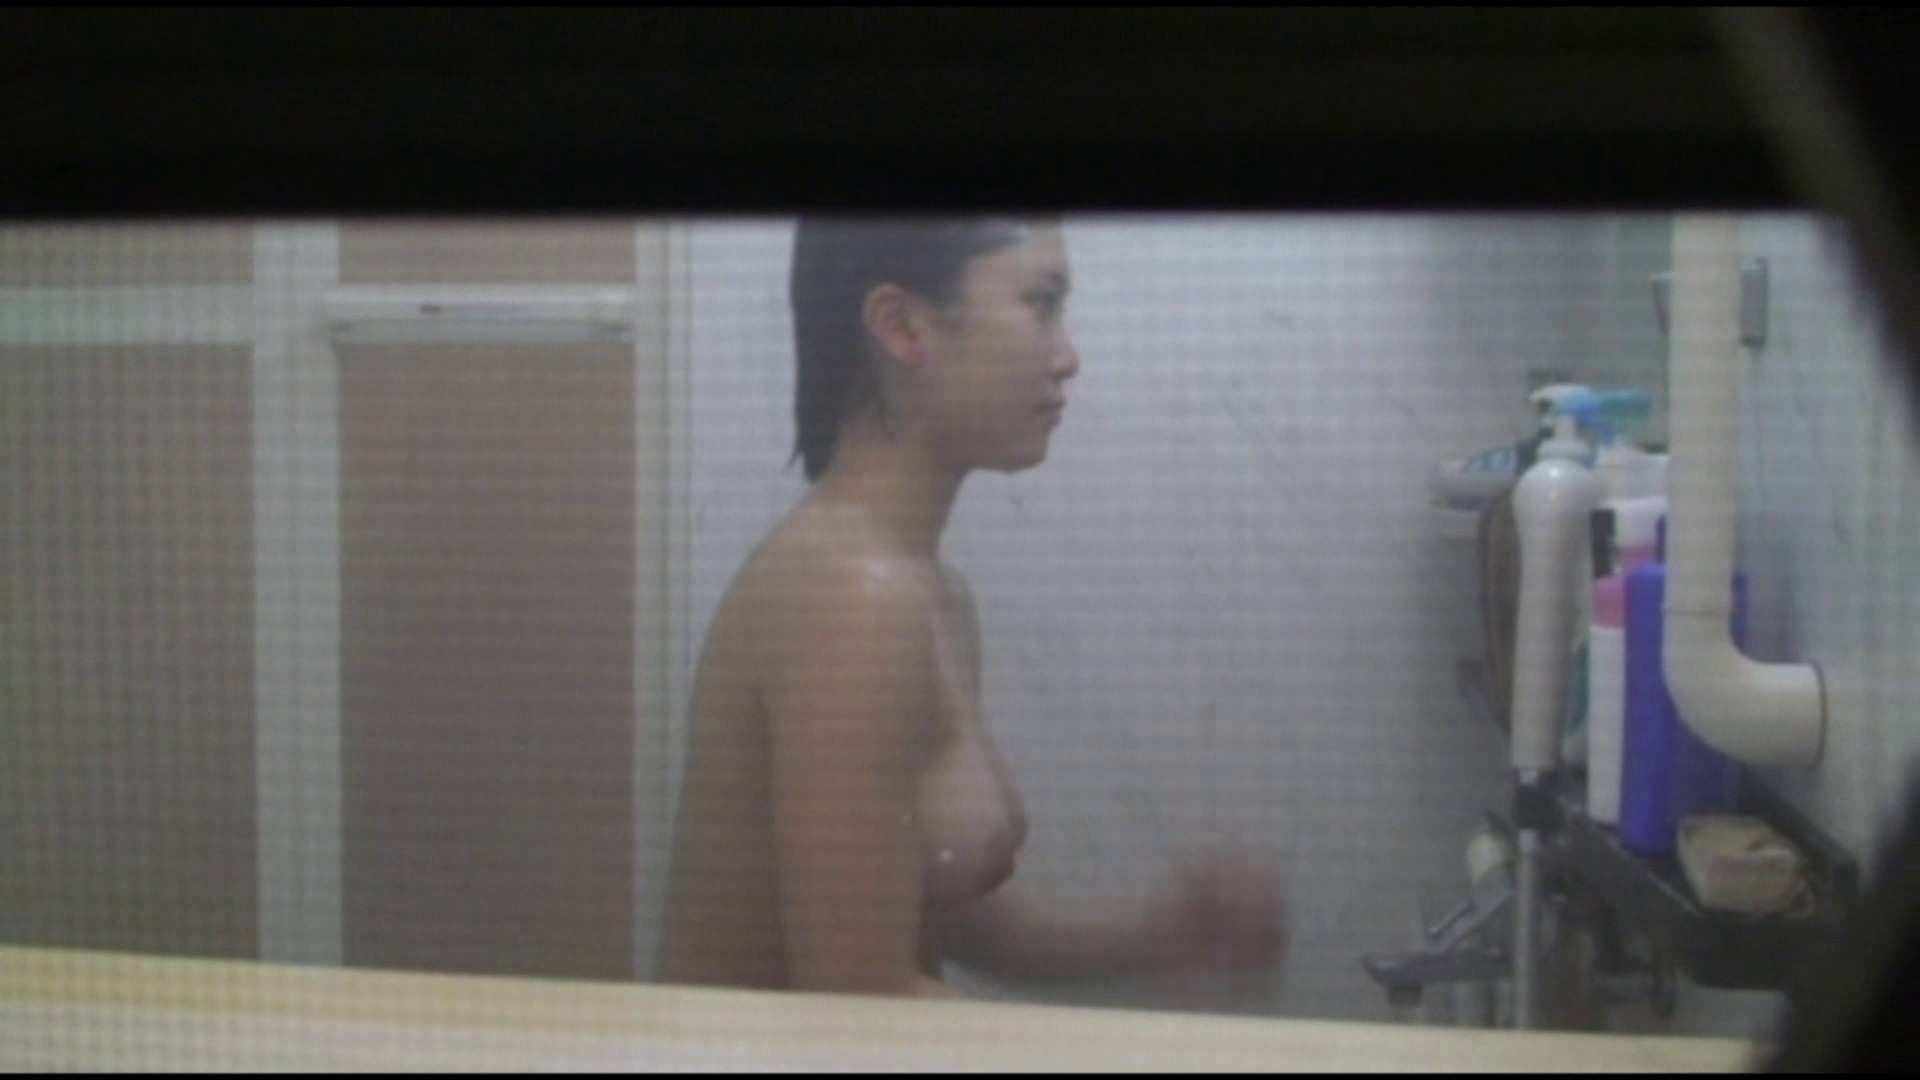 vol.04巨乳美人のおっぱいがプルルンッと弾けてます!風呂上りも必見 覗き  94pic 31